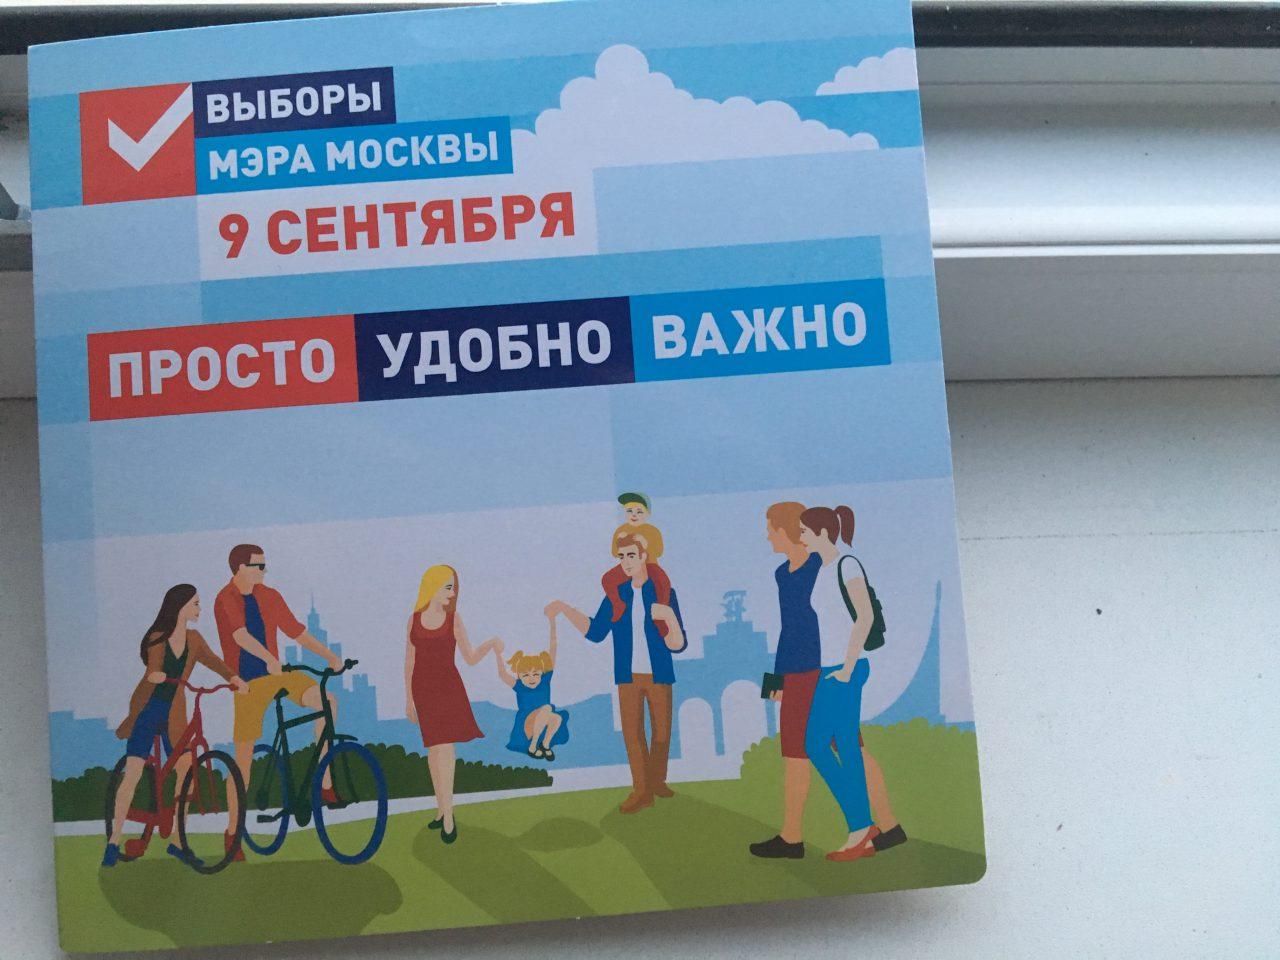 Сотрудники МФЦ начали поквартирный обход, информируя москвичей о выборах мэра